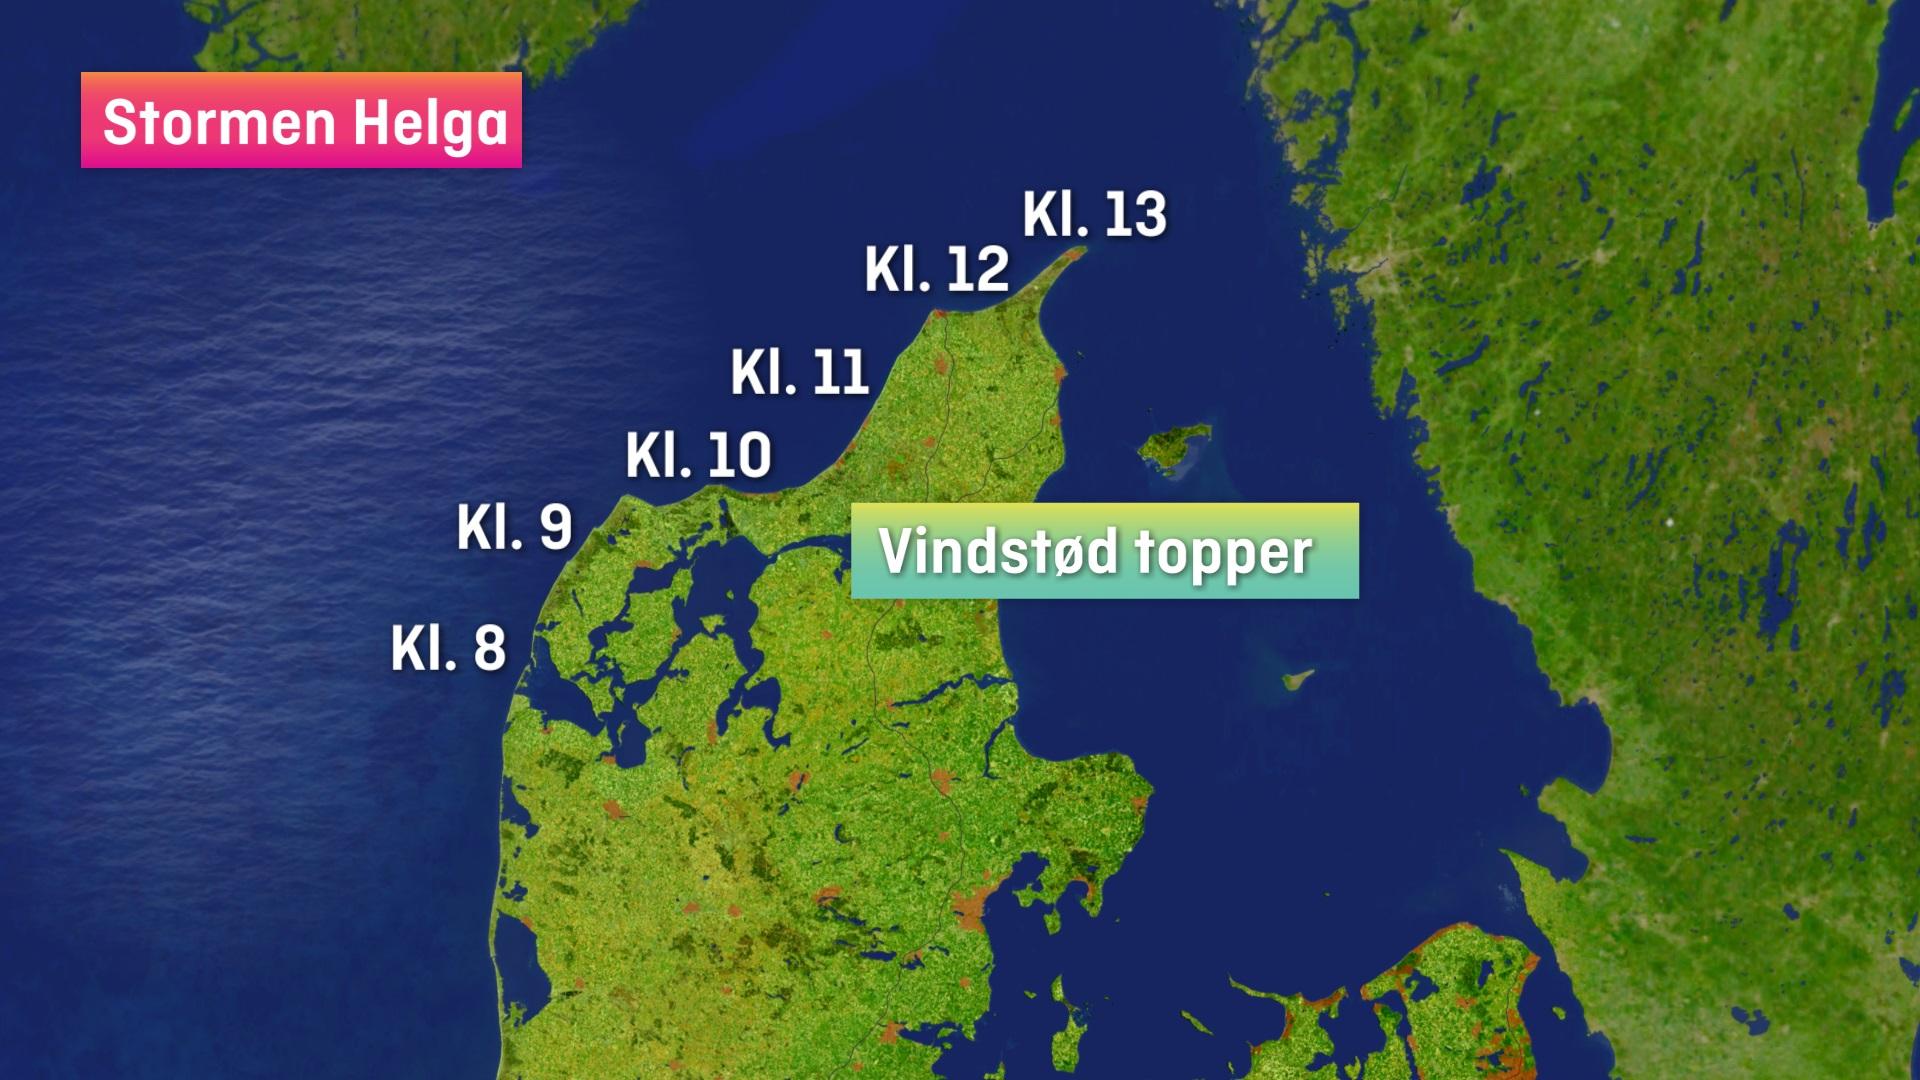 vindstoed_topper Helga